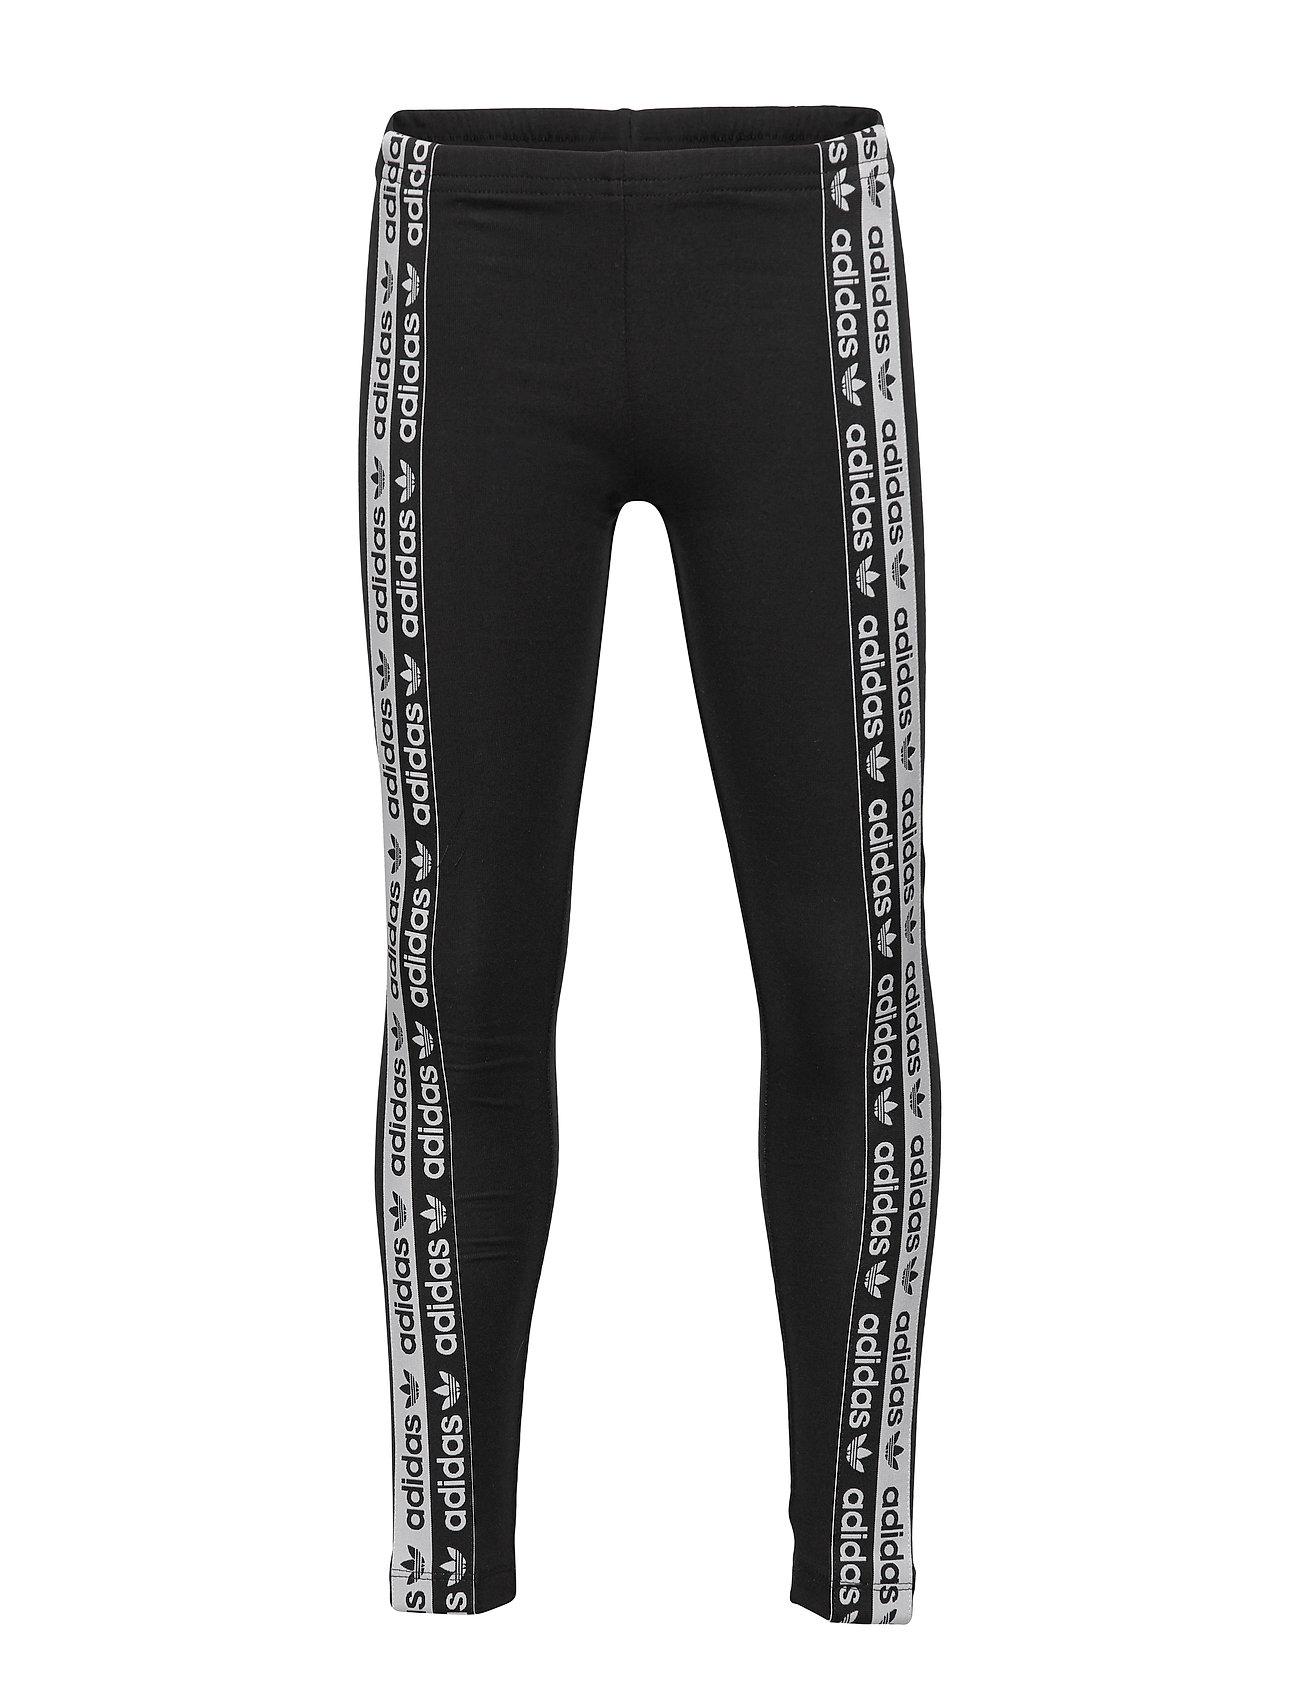 adidas Originals LEGGINGS - BLACK